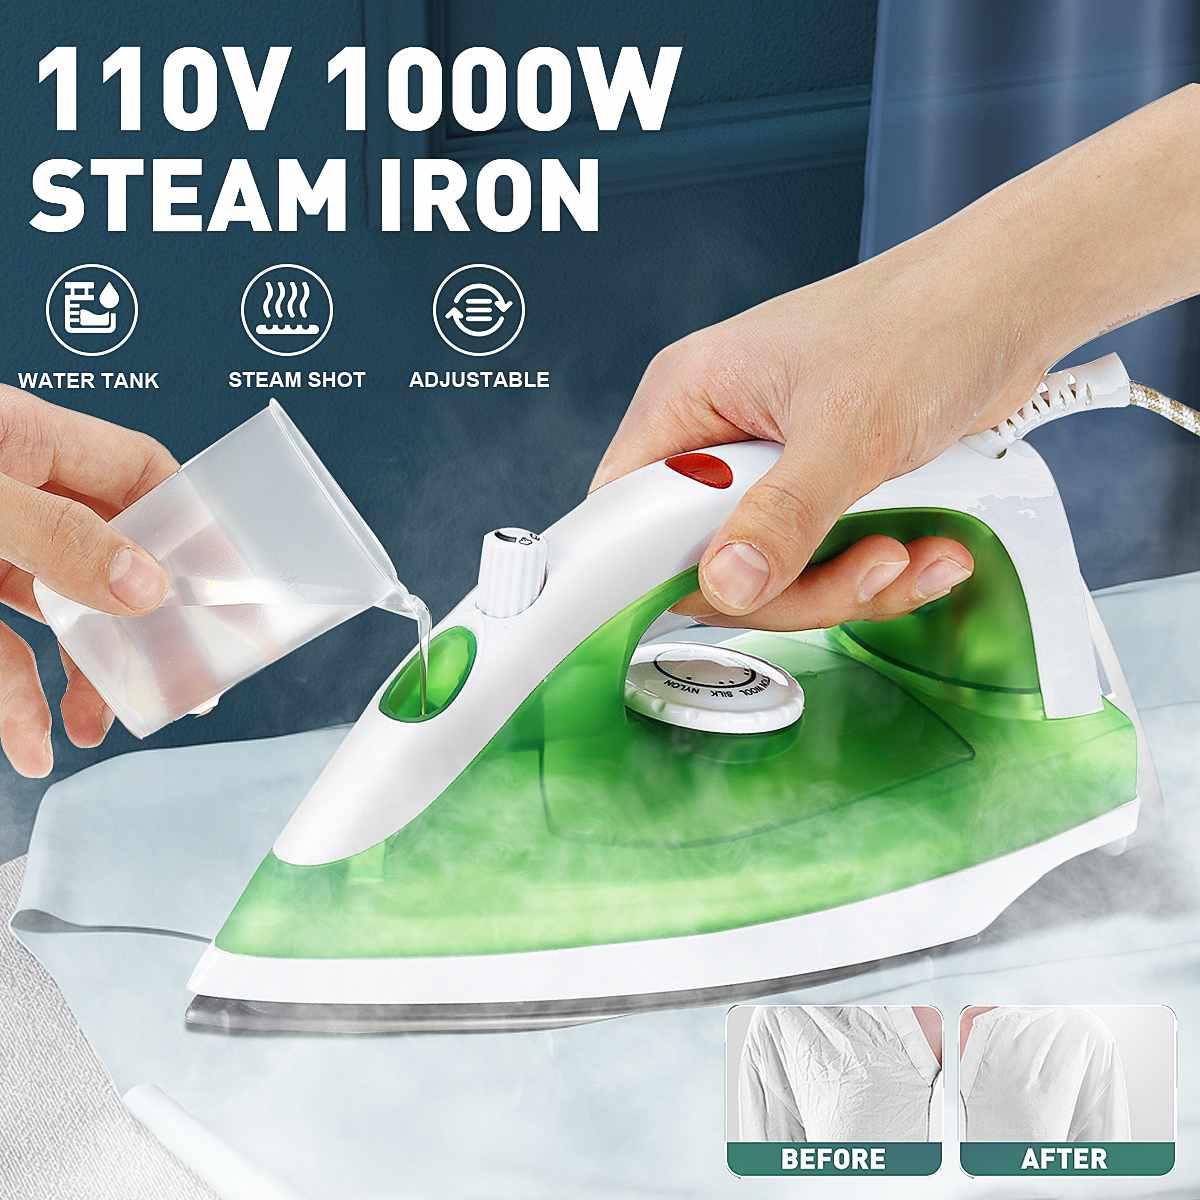 Мини Электрический паровой утюг отпариватель для одежды портативная одежда утюжок 3 уровня Регулируемый быстрый нагрев одежда утюжок для д...